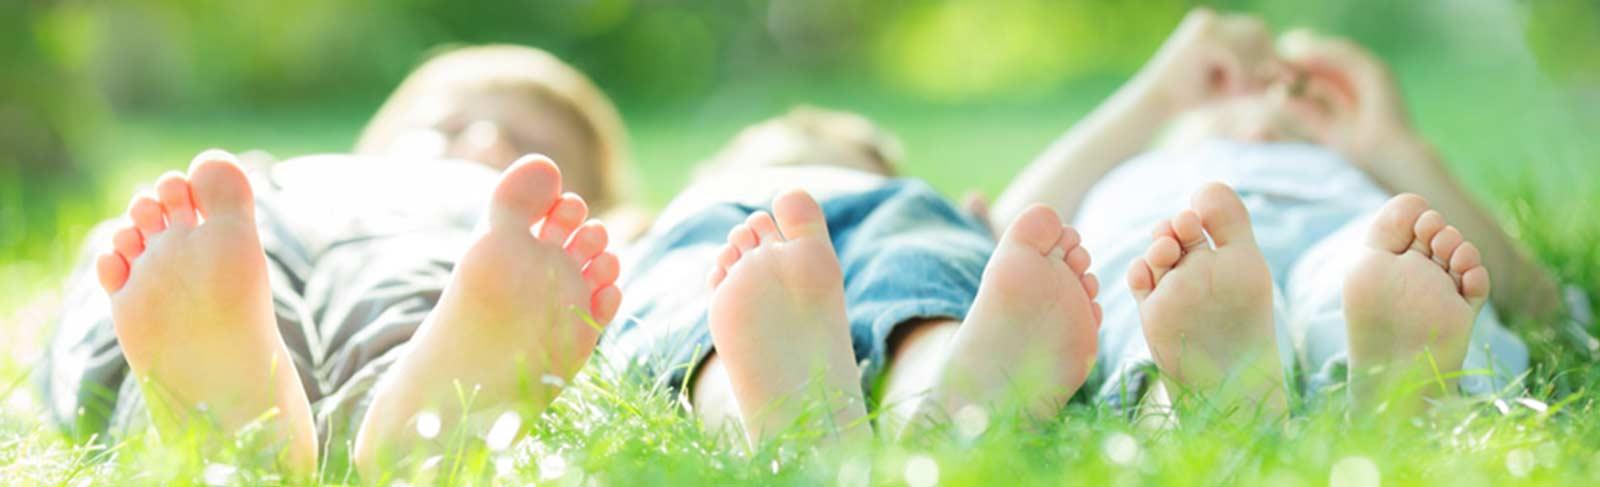 Kinder geniessen die Natur im Gras